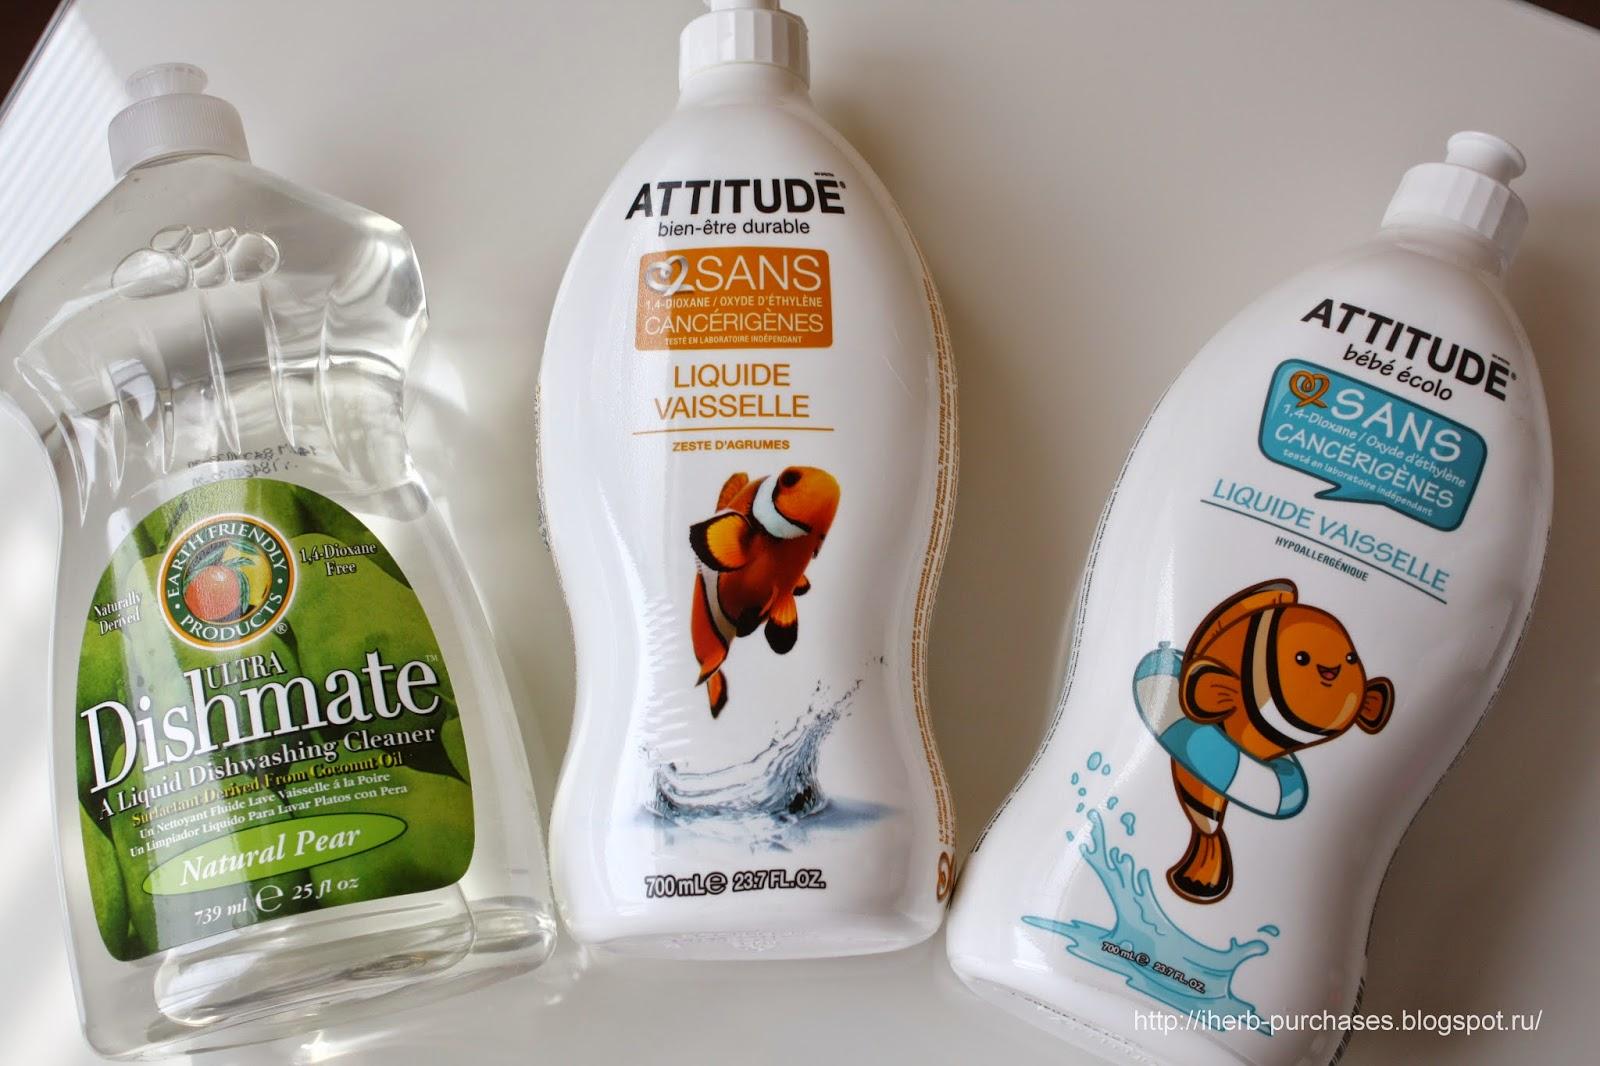 для мытья посуды натуральное отзыв iherb как сделать заказ